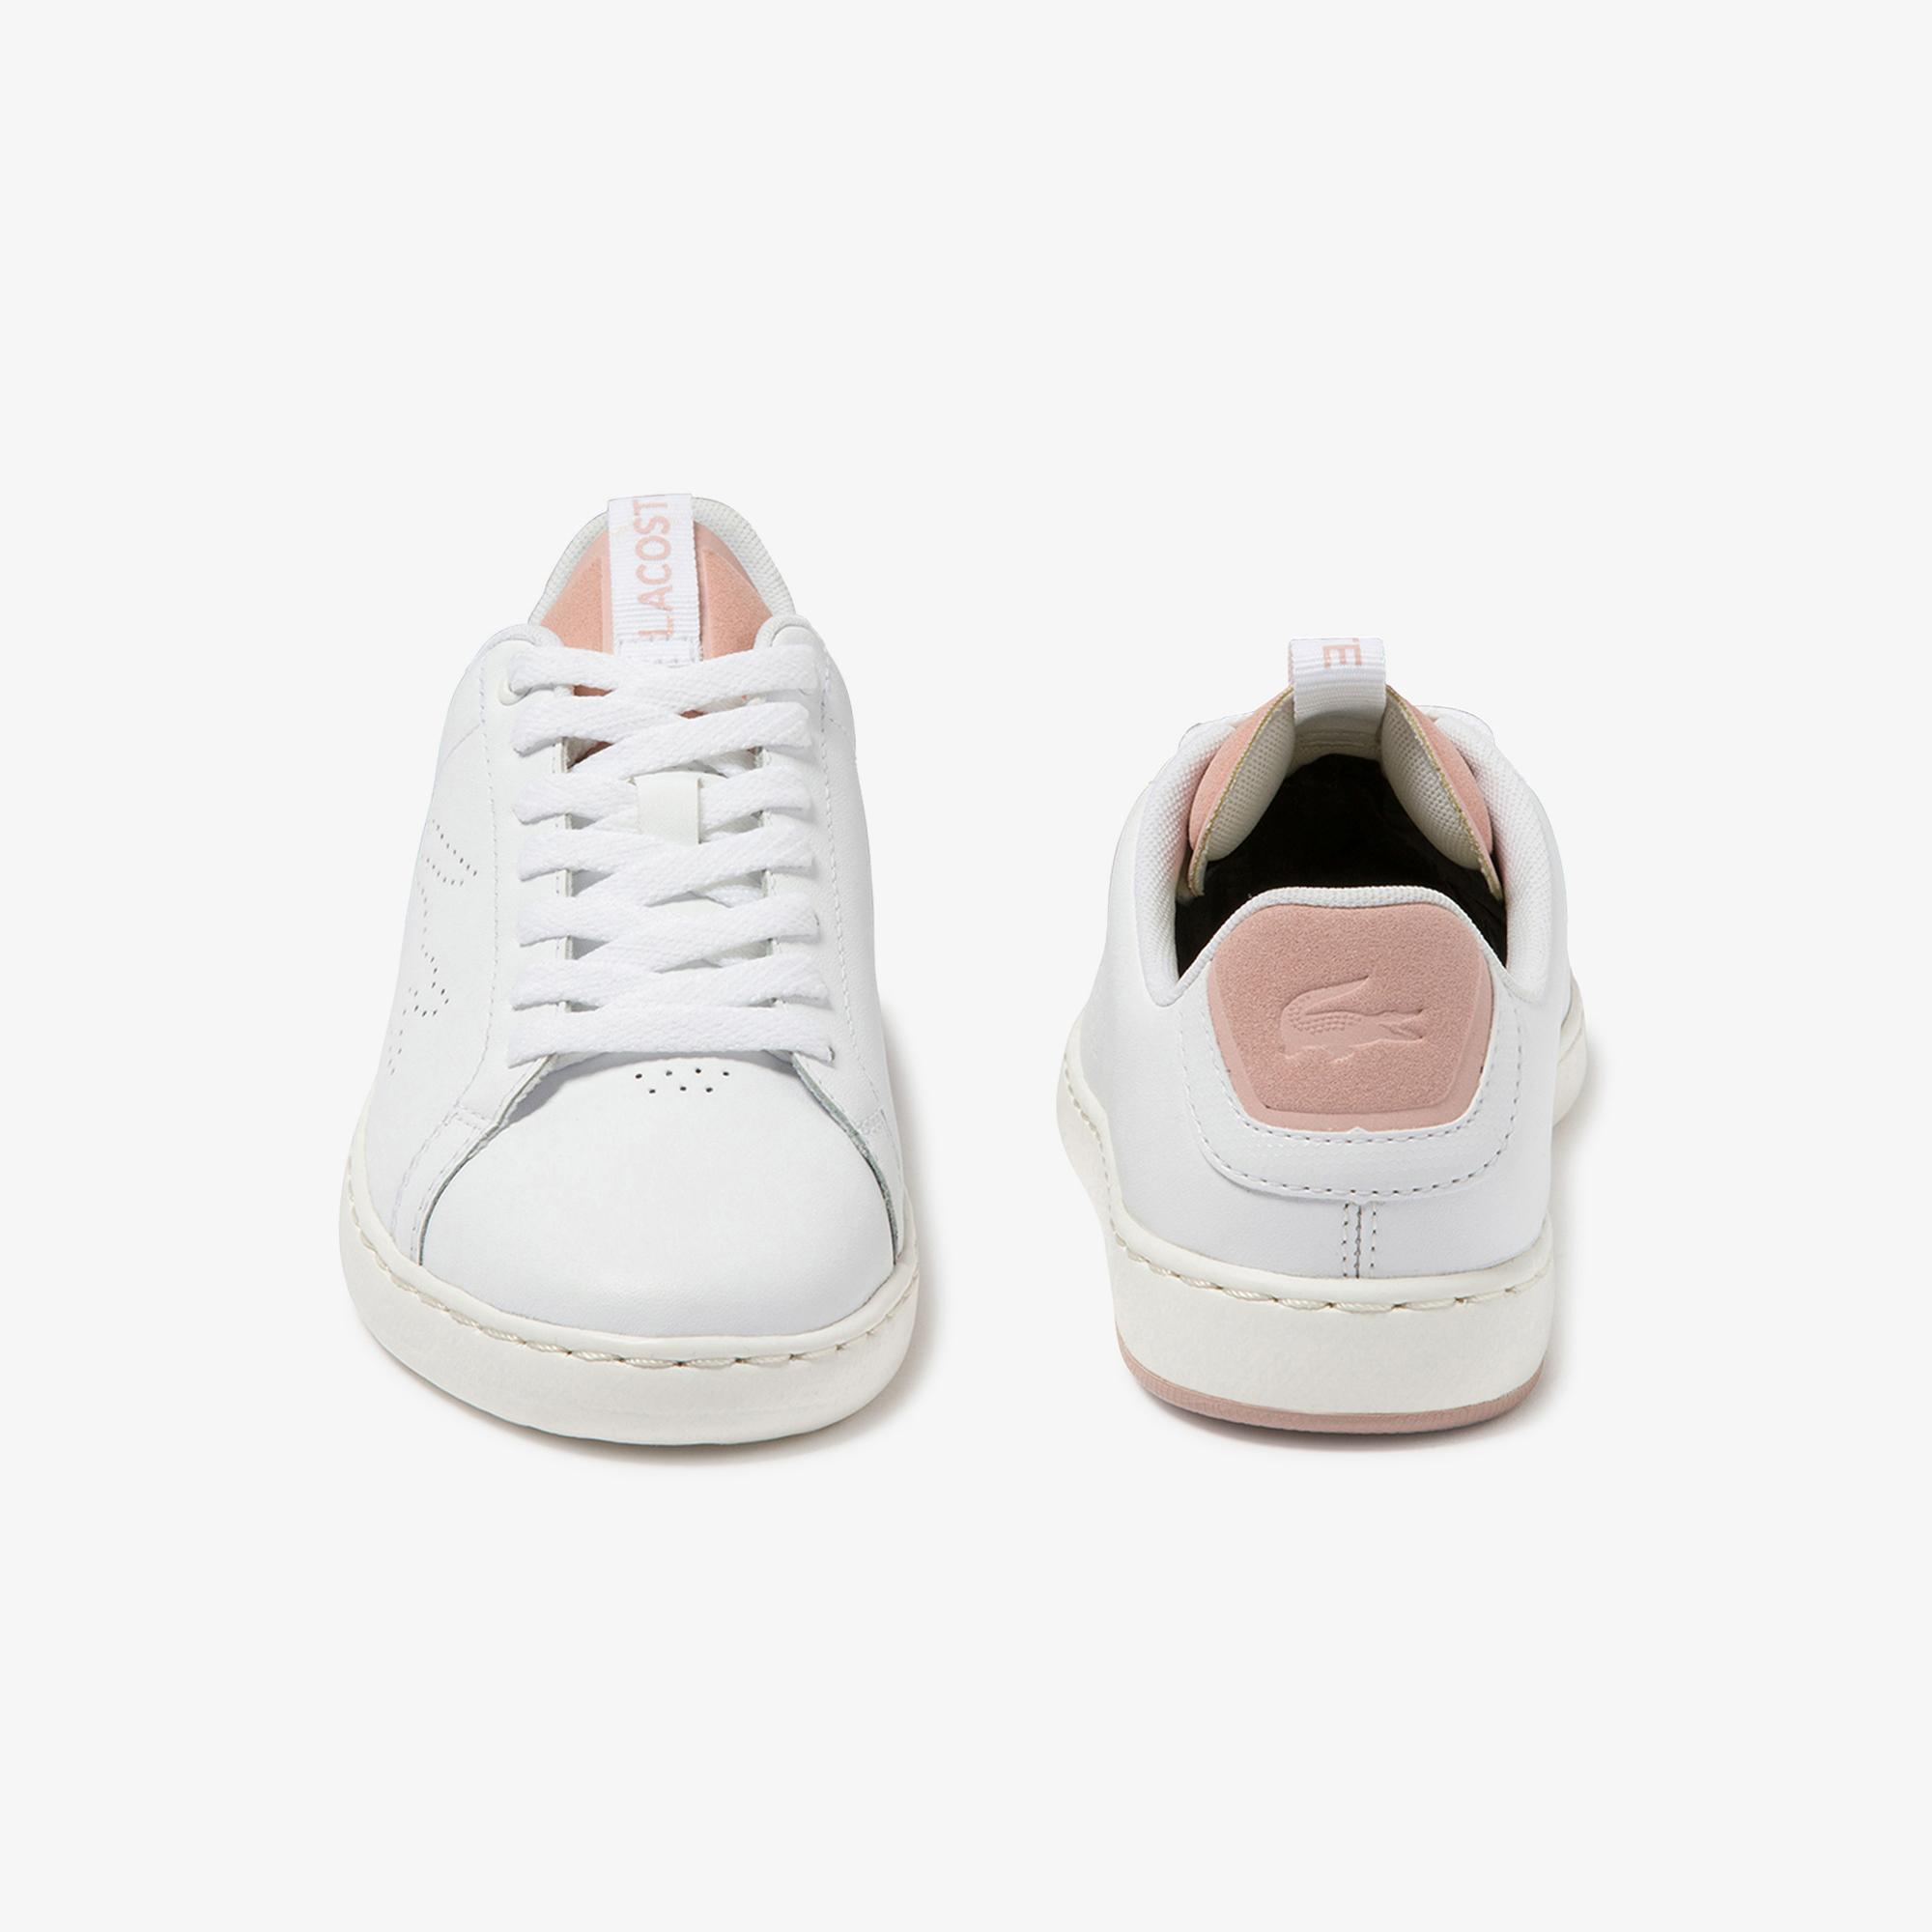 Lacoste Carnaby Evo Light-Wt 1201 Women's Sneakers